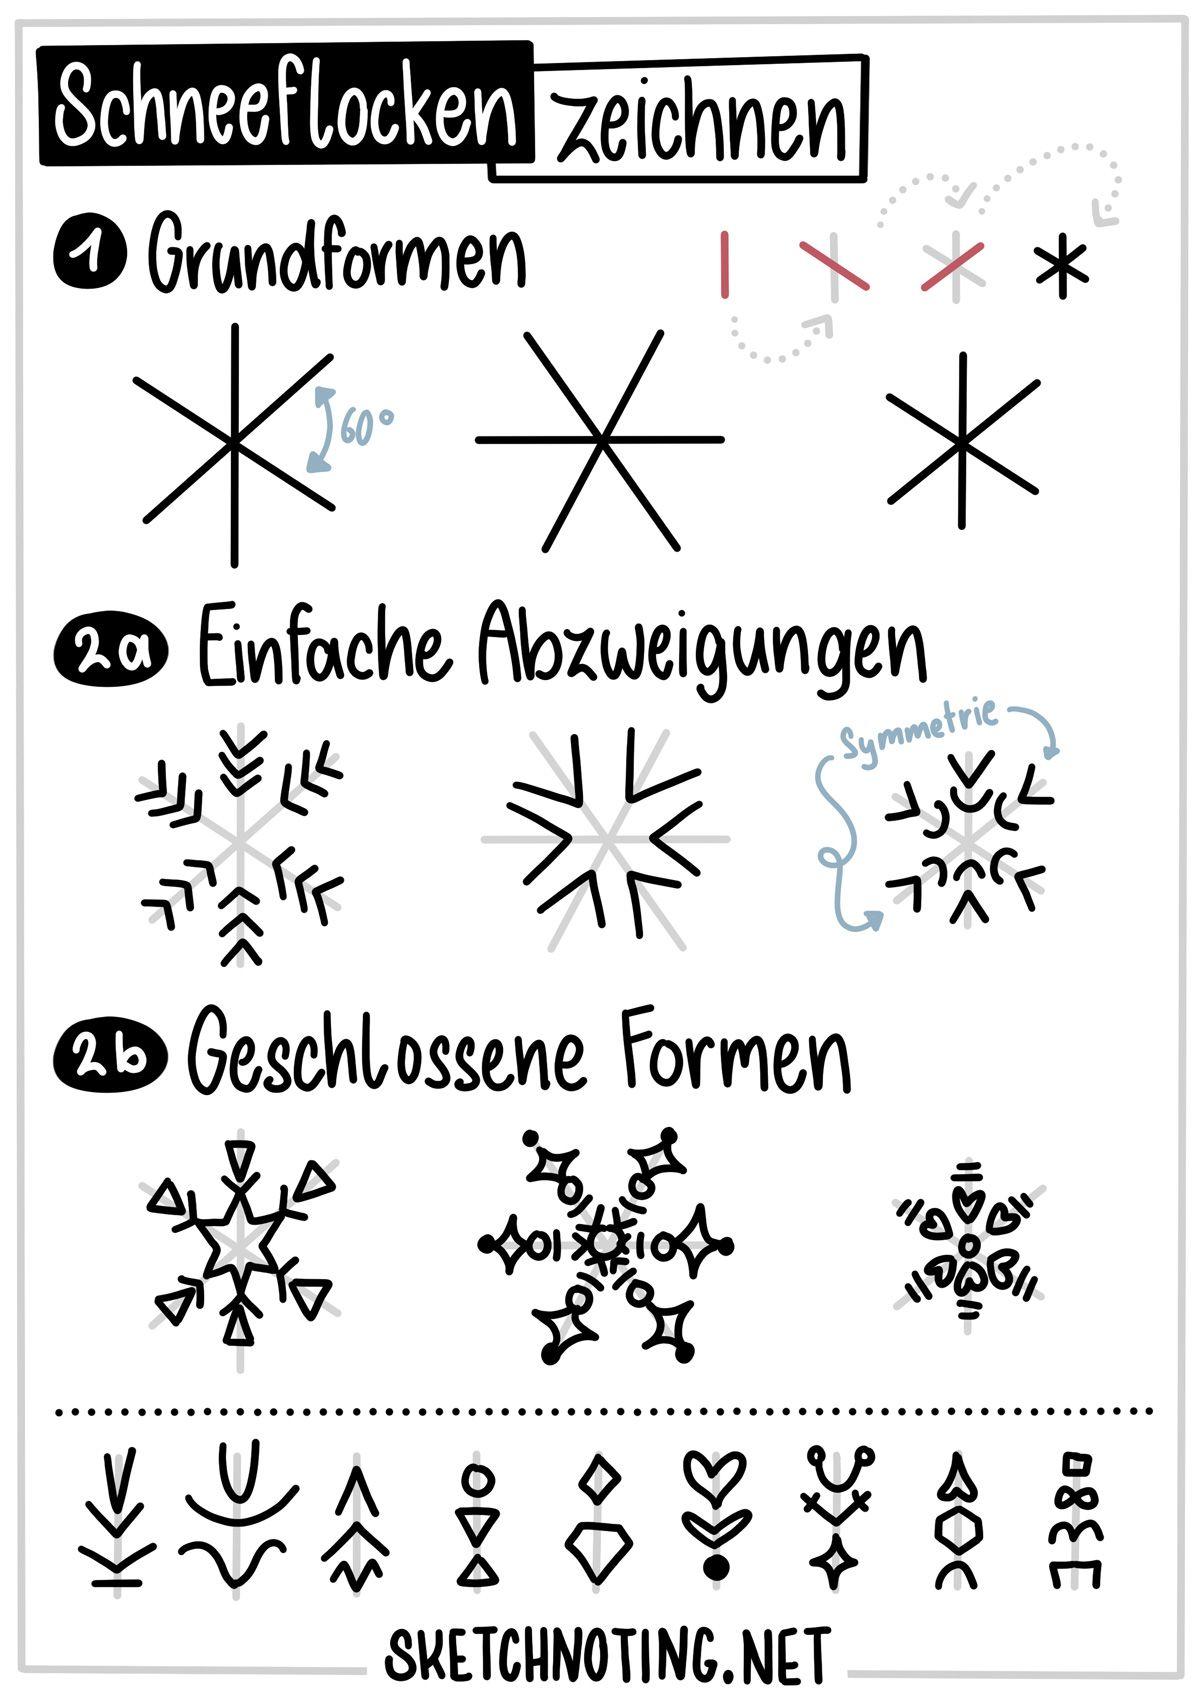 Schneeflocken Zeichnen Strich Fur Strich Anleitung Schneeflocke Zeichnen Schneeflocken Zeichnen